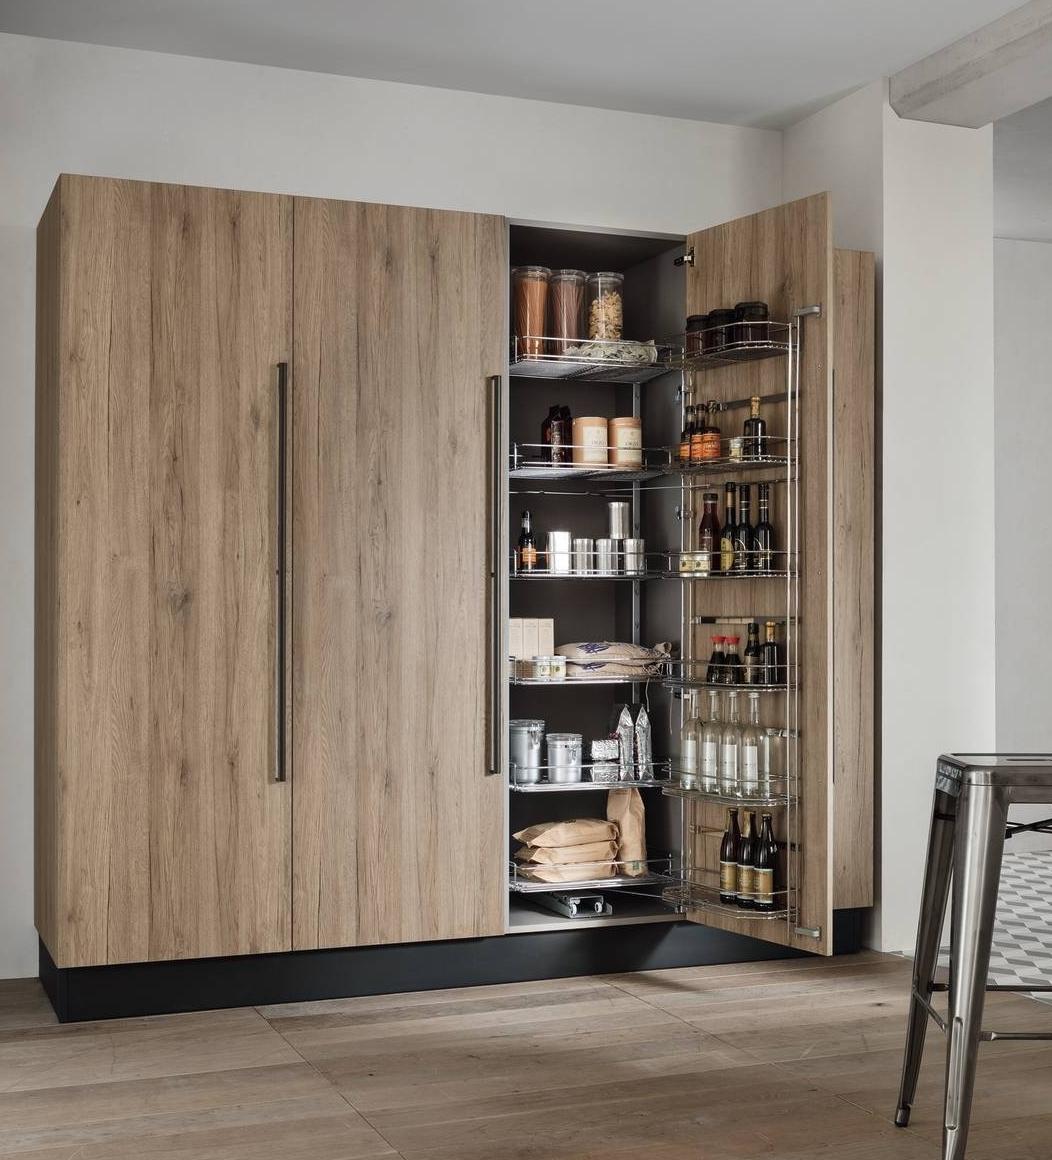 Colonne per la cucina e ogni cosa trova il posto giusto for Cucina in armadio